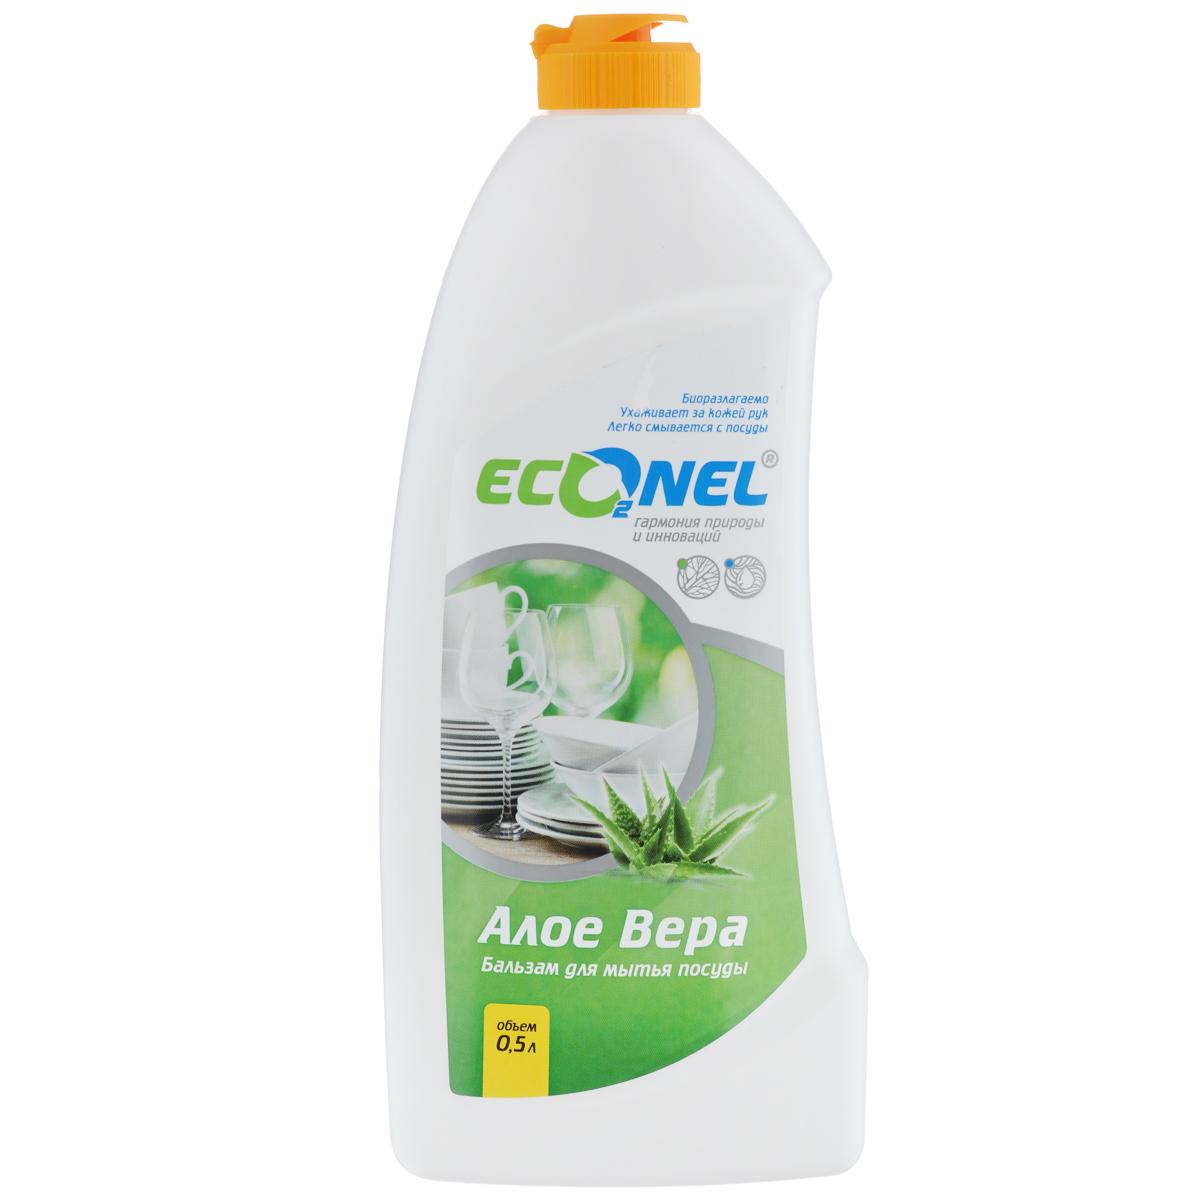 Бальзам для мытья посуды Econel Алоэ вера, 0,5 л787502Бальзам Econel Алоэ вера предназначен для мытья фарфоровой, фаянсовой, керамической, стеклянной и металлической посуды и столовых приборов. - Легко смывается с посуды, не оставляя следов и запахов на посуде- Заботится о коже рук благодаря смягчающим компонентам- Биоразлагаем и безопасен для окружающей среды- Эффективно справляется с любыми жировыми загрязнениями. Состав: менее 5%: ароматизатор, глицерин, краситель, полимеры, консервант, карбамид, неионогенное поверхностно-активное вещество, амфотерное поверхностно-активное вещество, анионное поверхностно-активное вещество; 5-15% хлорид натрия; более 30% вода очищенная.